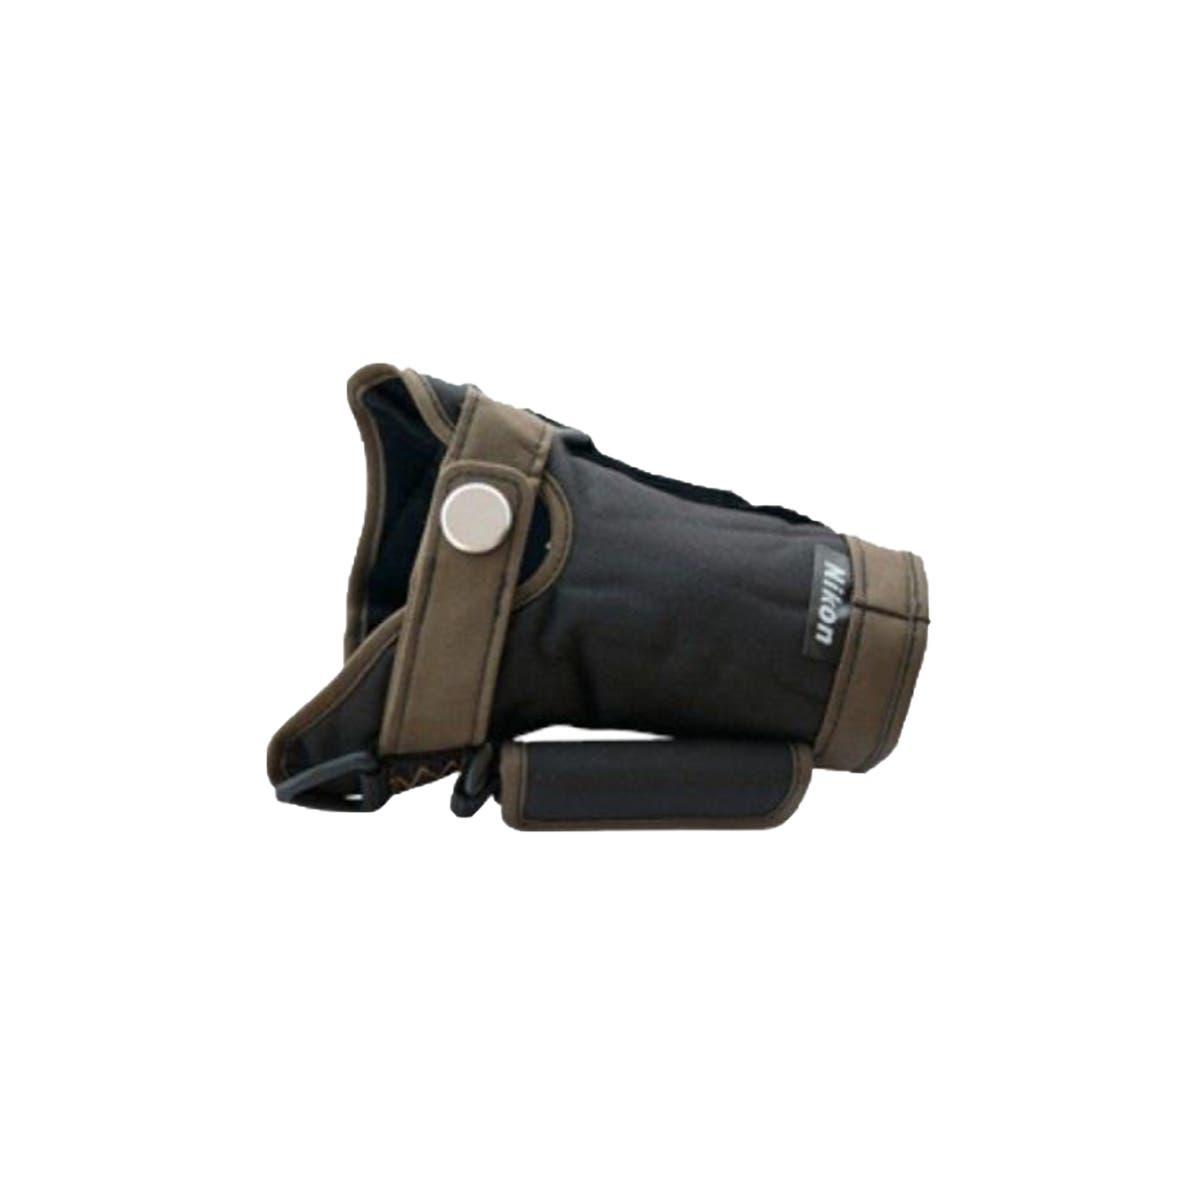 Fieldscope ED50 Hand Holding Case